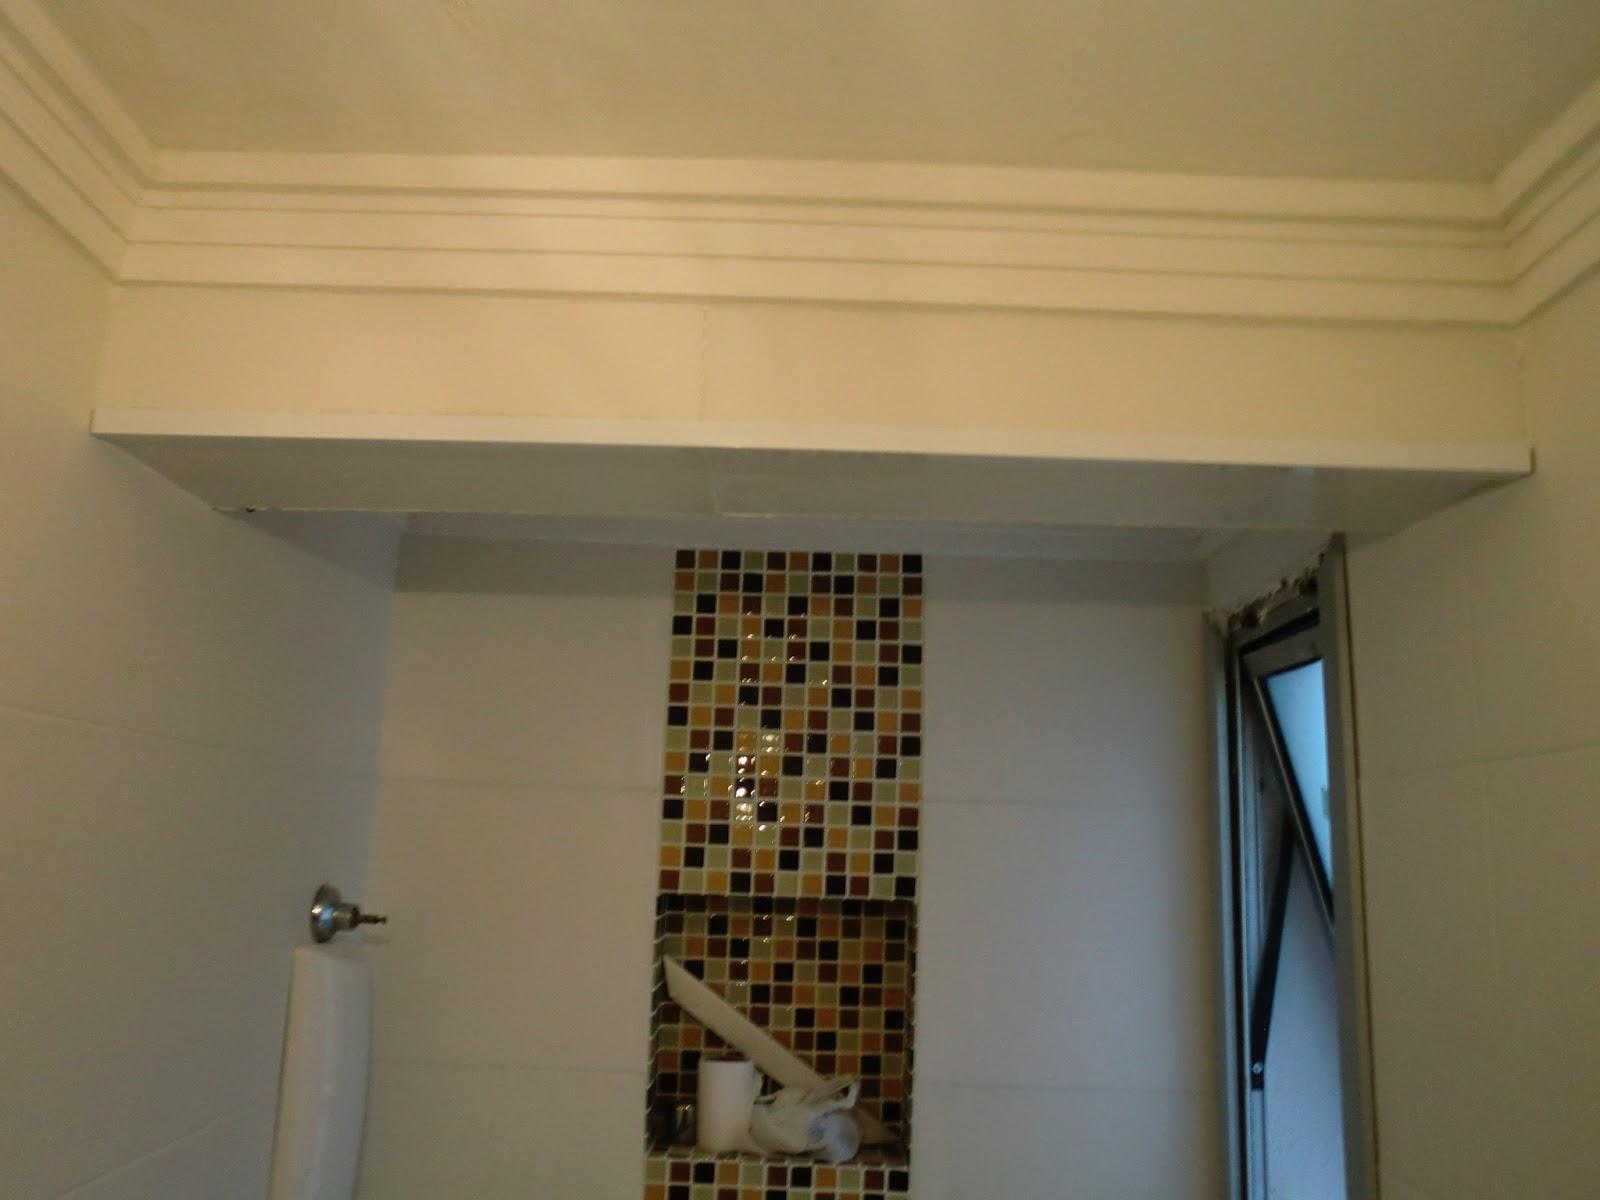 Acabamento com Cantoneira de Alumínio para quinas de azulejo e vigas #2677A5 1600x1200 Banheiro Com Azulejo No Teto